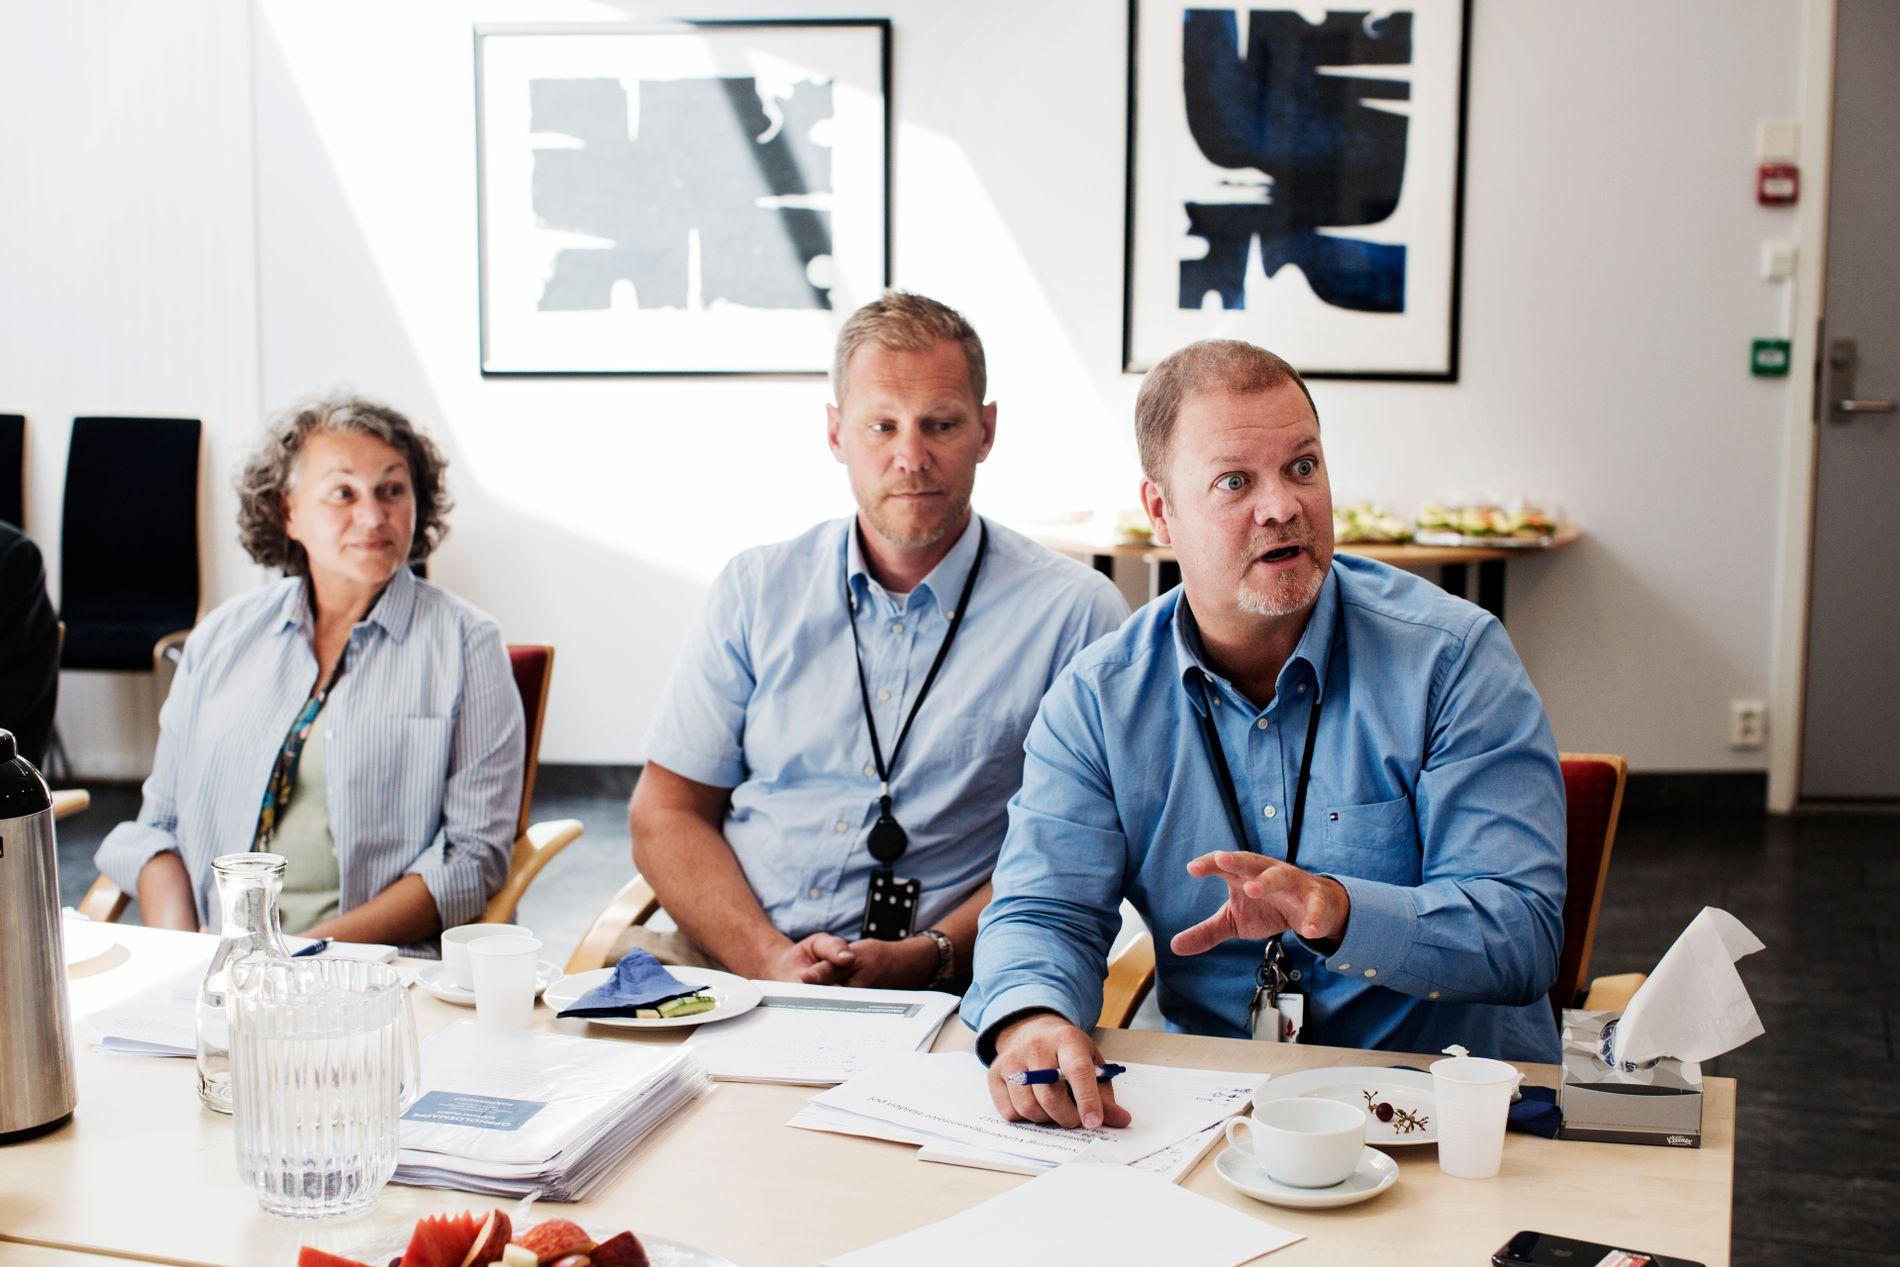 FORVENTNINGSAVKLARING: – I det første møtet får vi vite hvilke forventninger og forhåpninger pasienten har, og vi opplyser hva hvilken behandling vi kan tilby. For mange er en slik time nok, sier spesialistpsykolog Lars Skahjem (i midten).